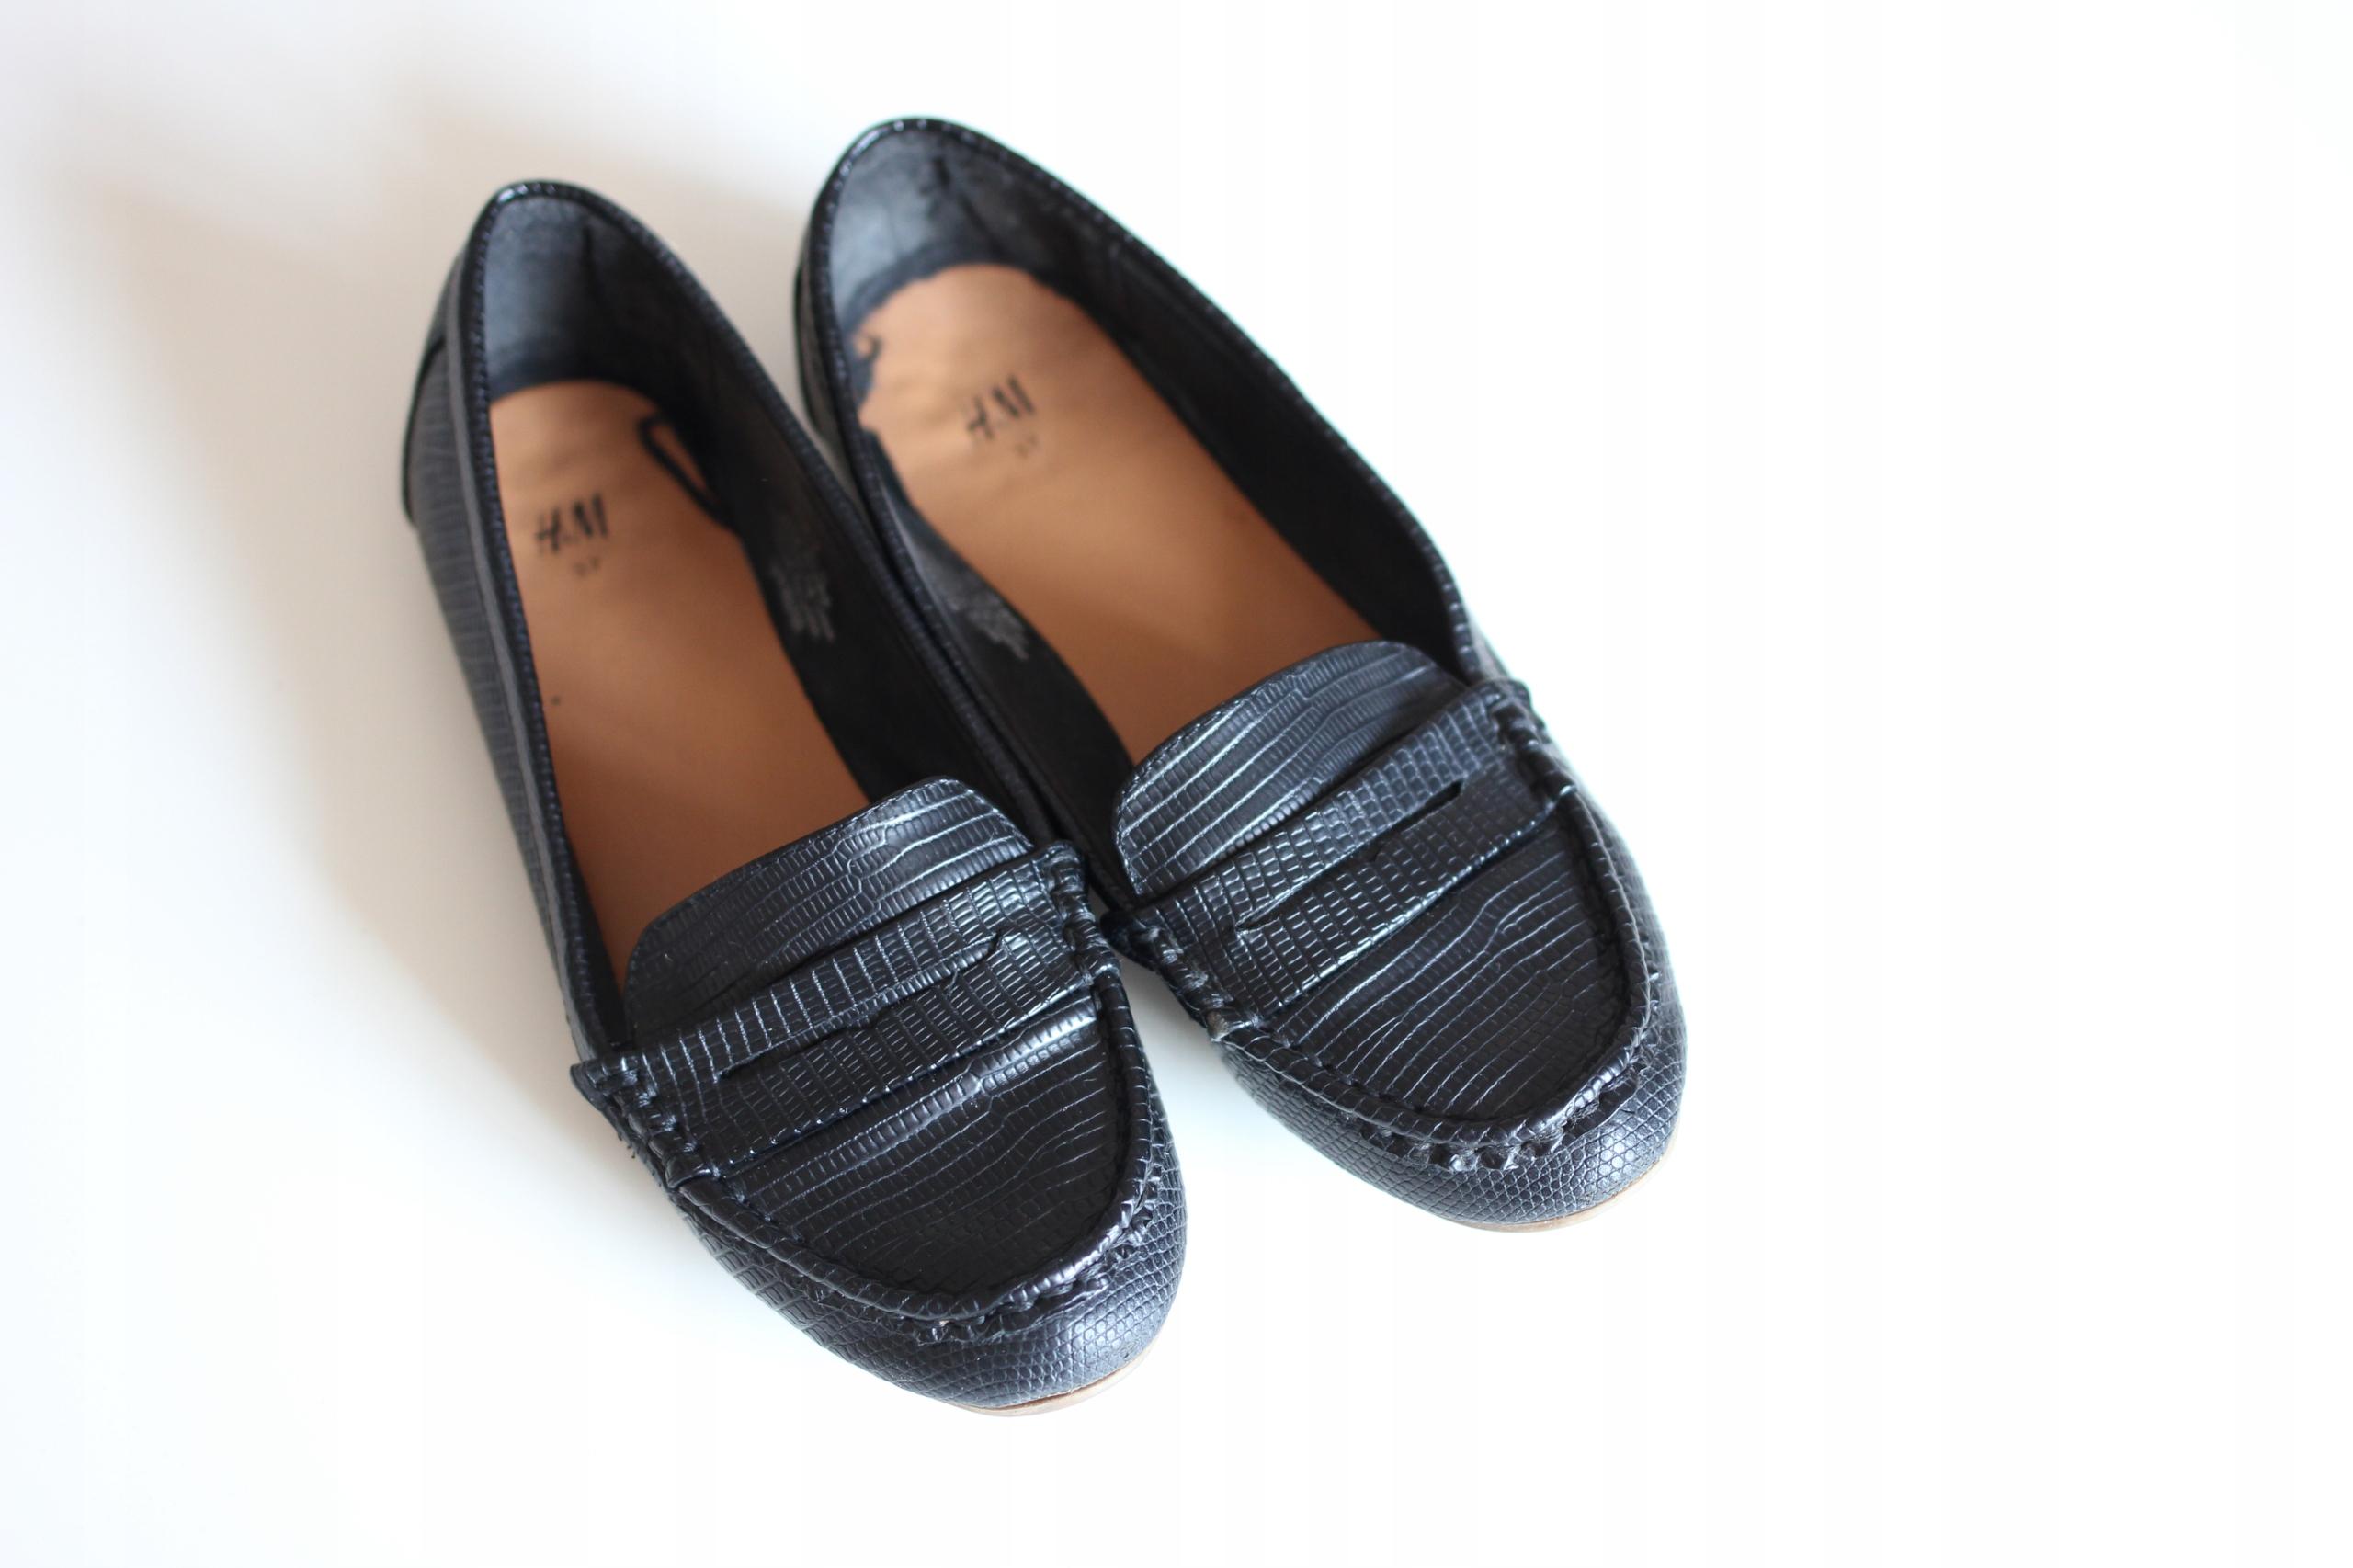 Czarne mokasyny damskie H&M rozm. 37